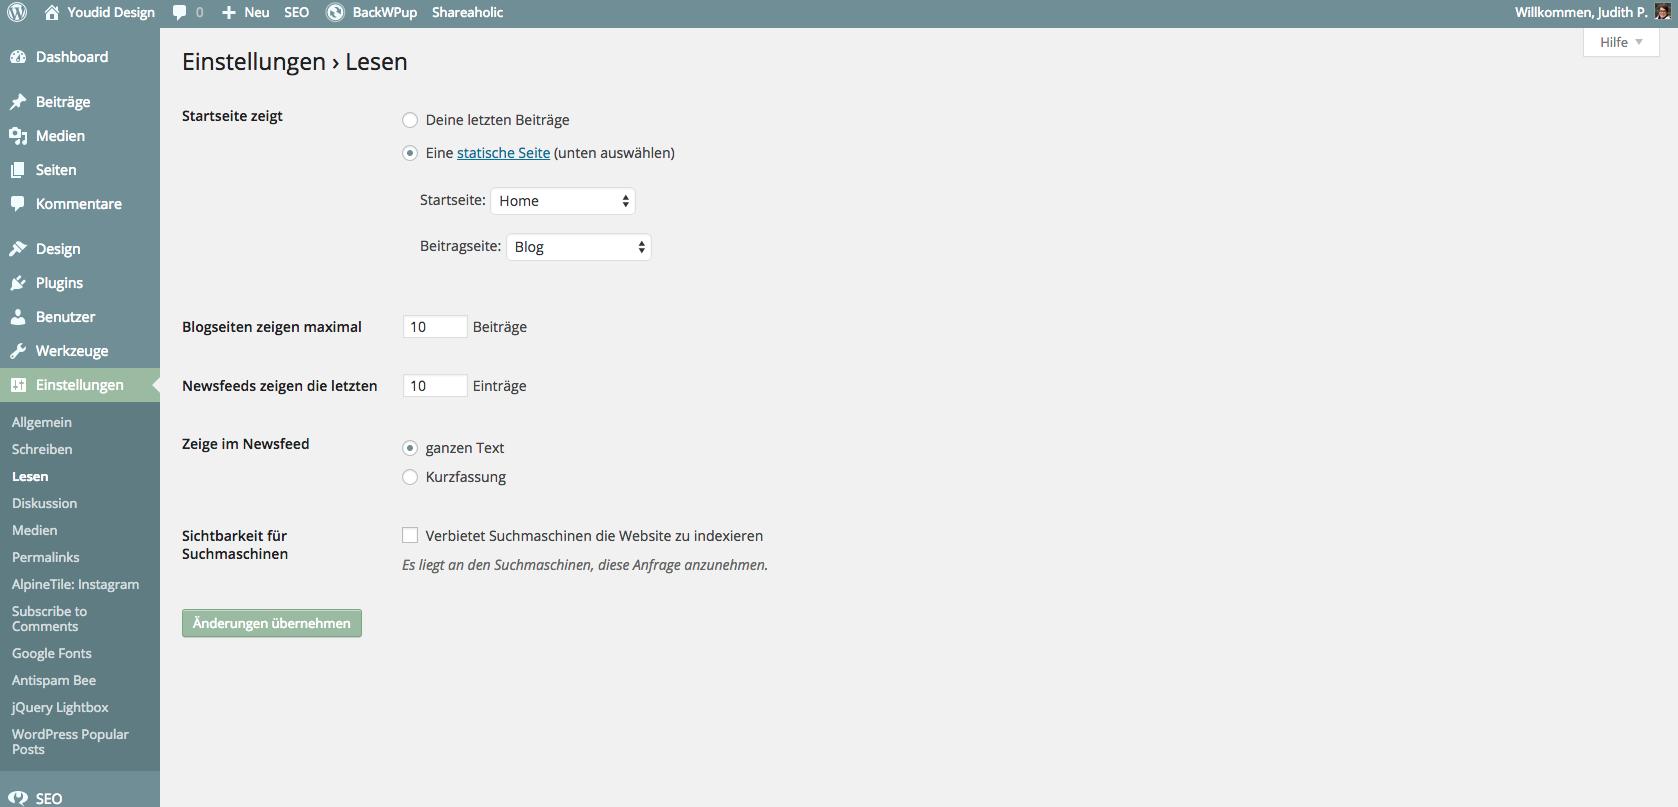 Bloglovin Bilder wieder anzeigen WordPress Einstellung | www.youdid-design.de